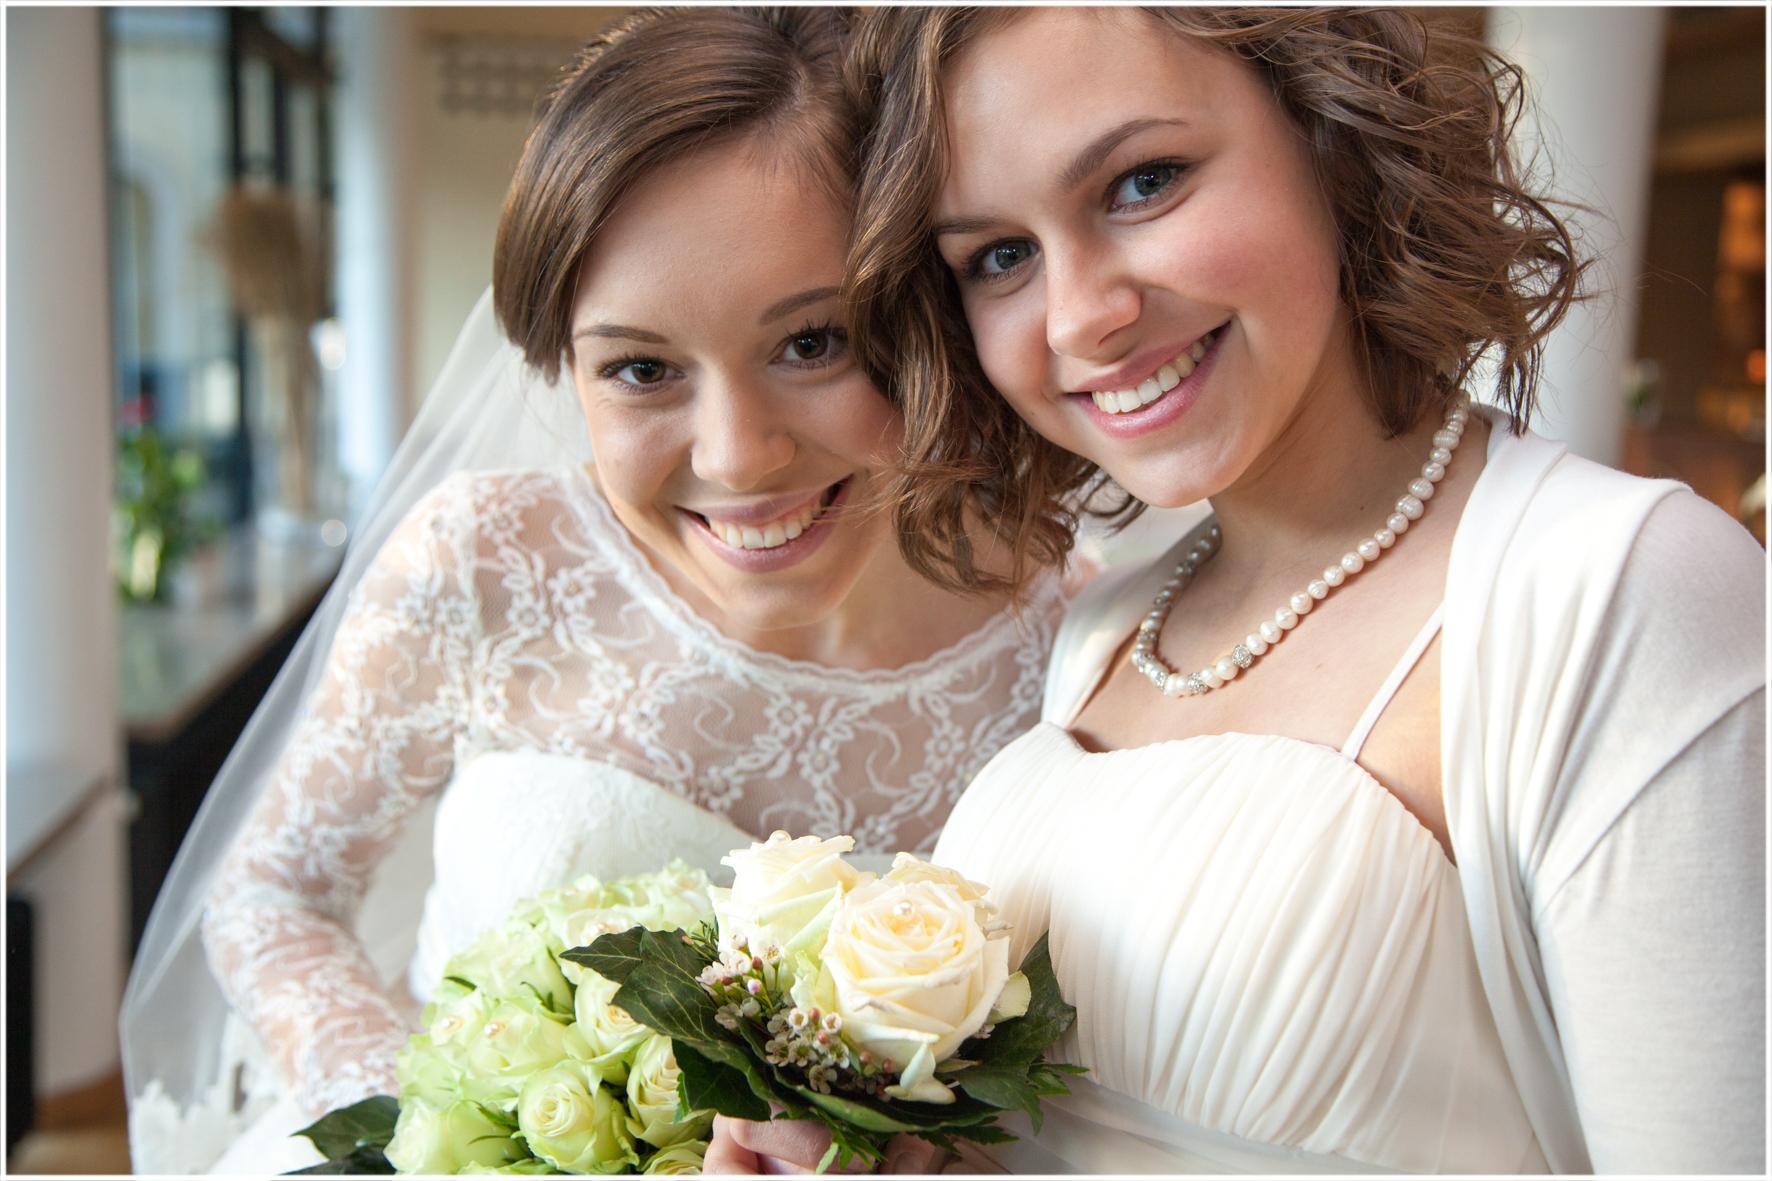 Hochzeitsfotograf Hannover | Standesamtliche Hochzeit (Platzhalter)